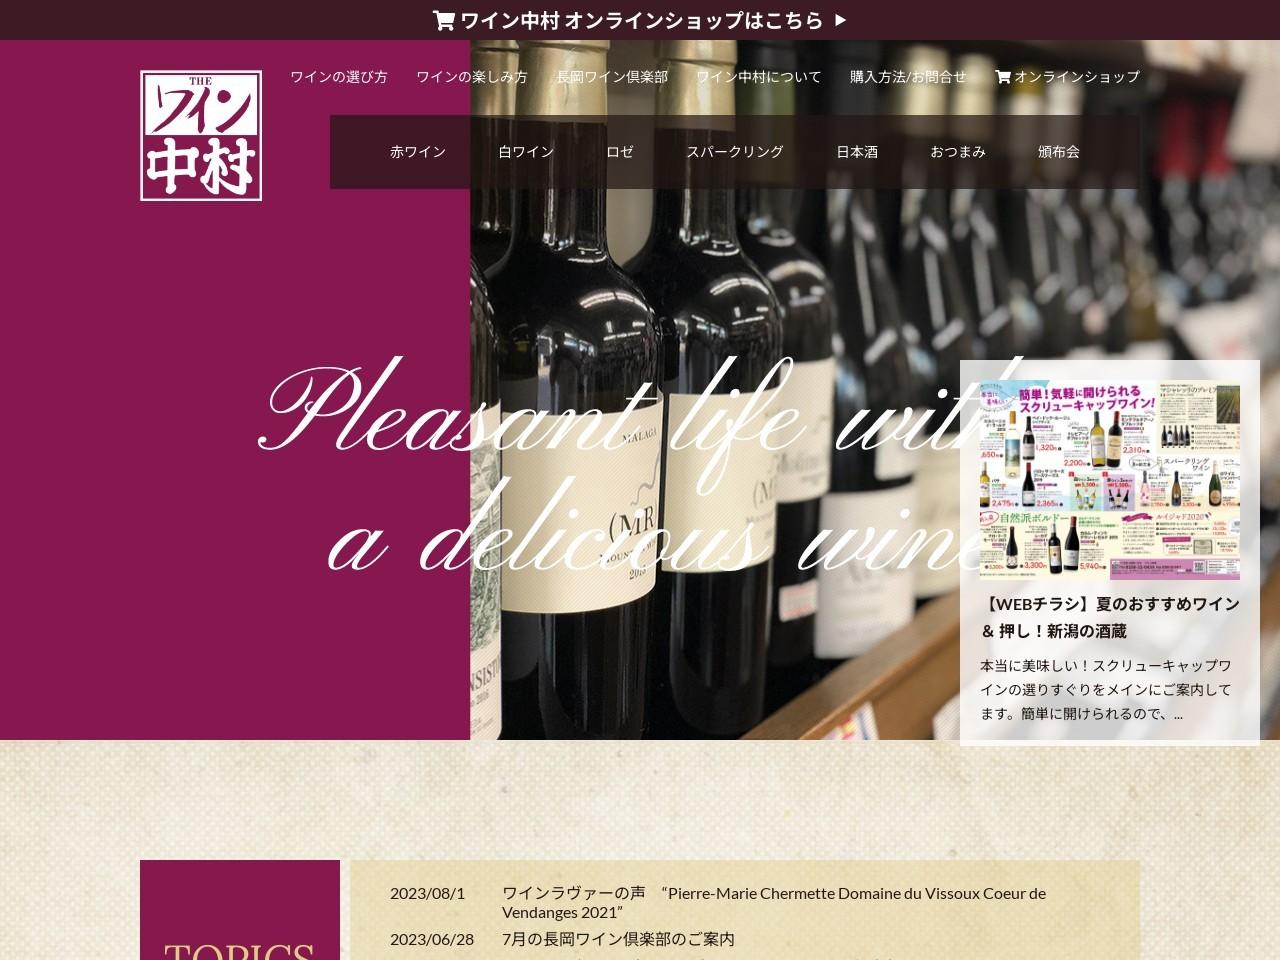 ワイン中村 - 中村商店|新潟県長岡市